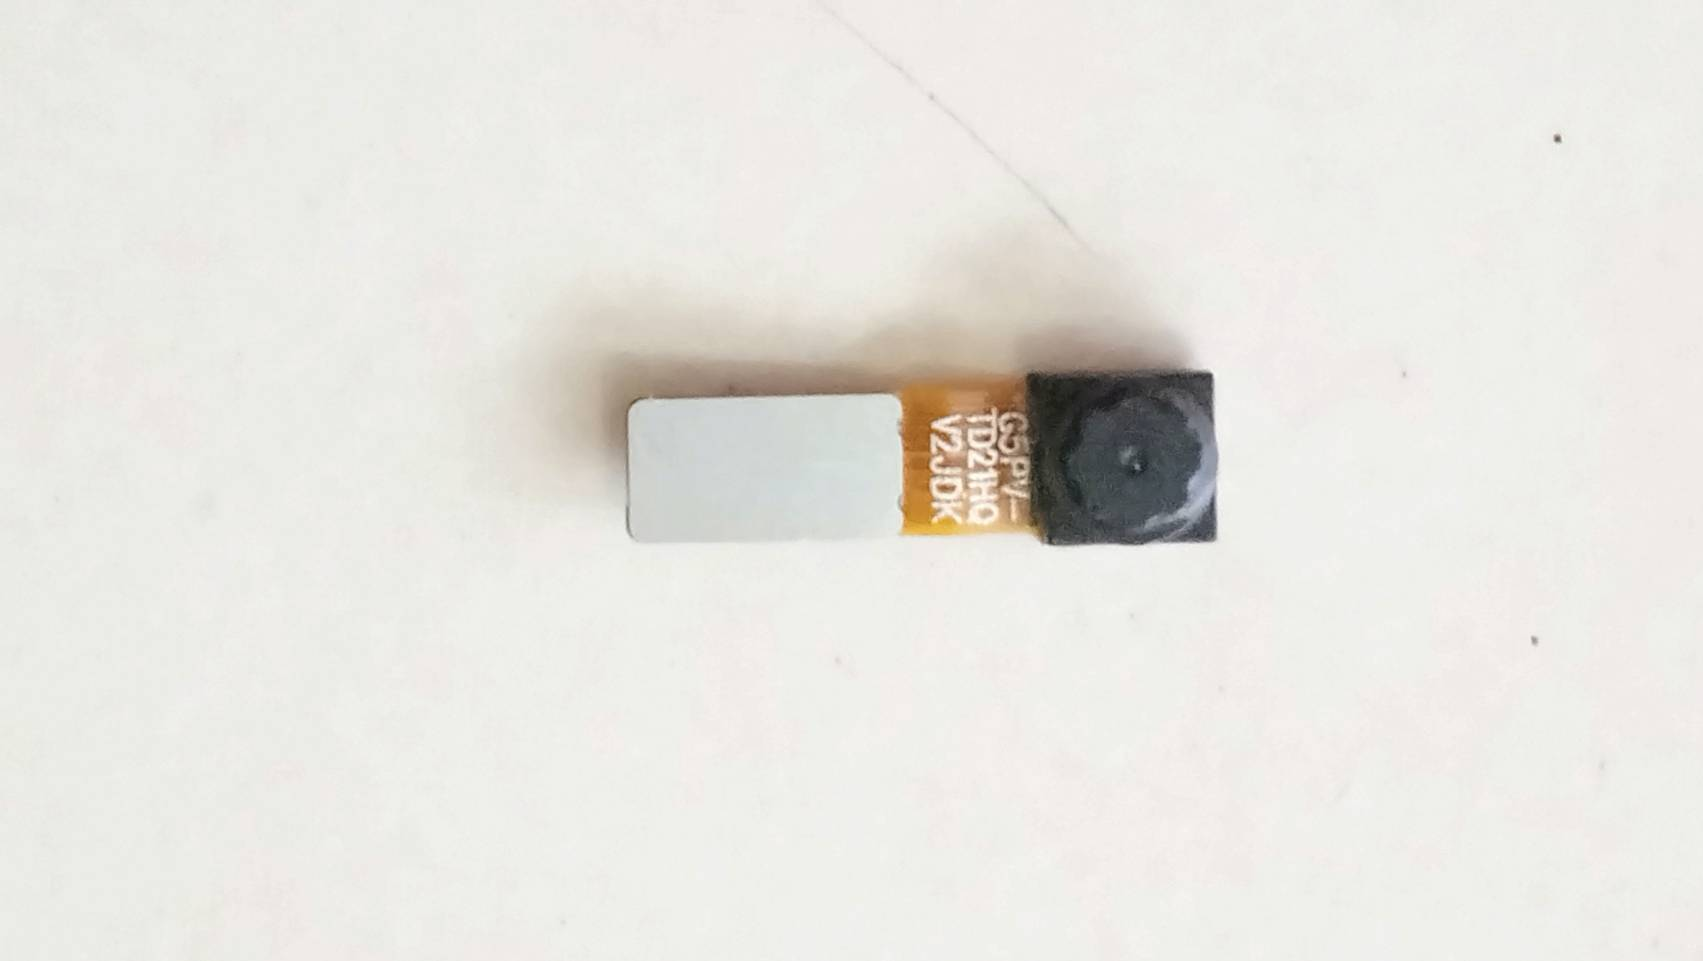 กล้องหน้า HUAWEI Y618-T00 มือสอง